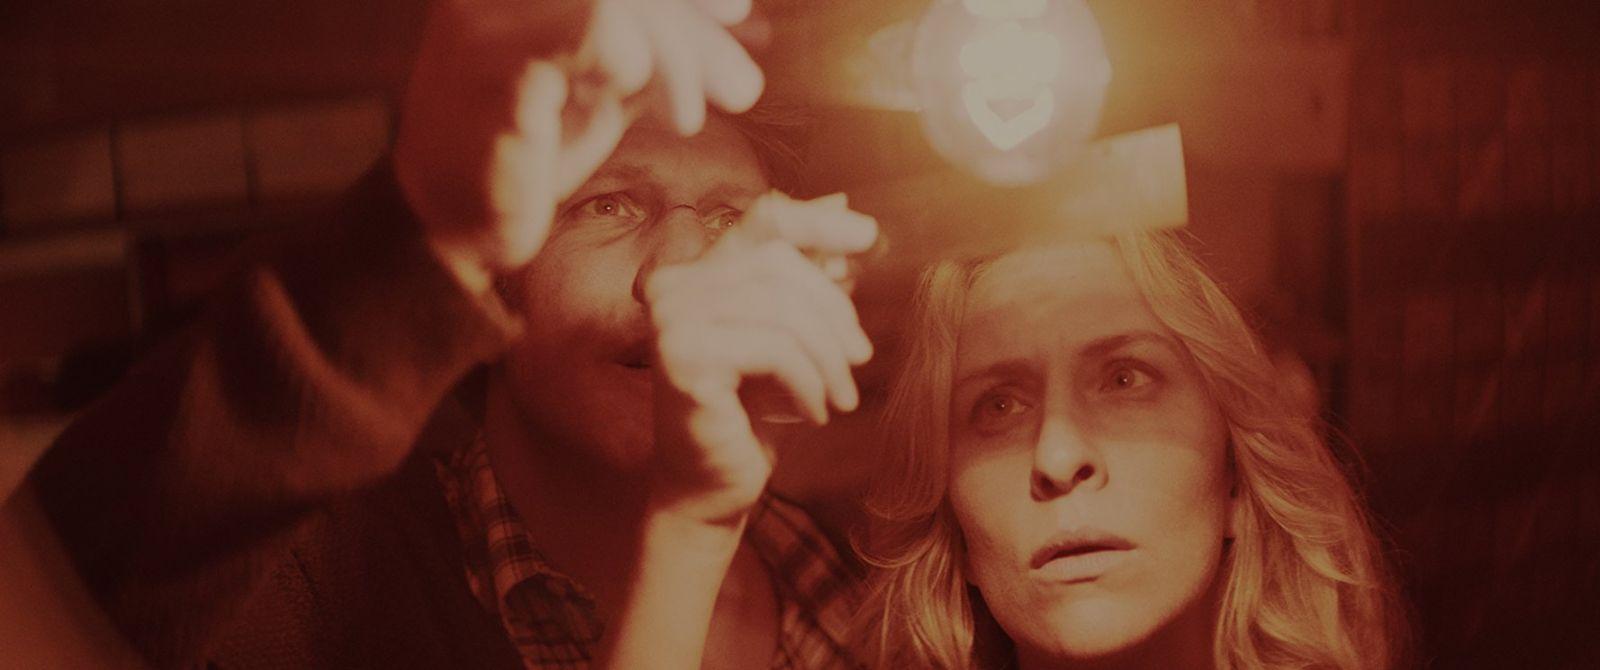 Кадр из фильма «Пойманные»